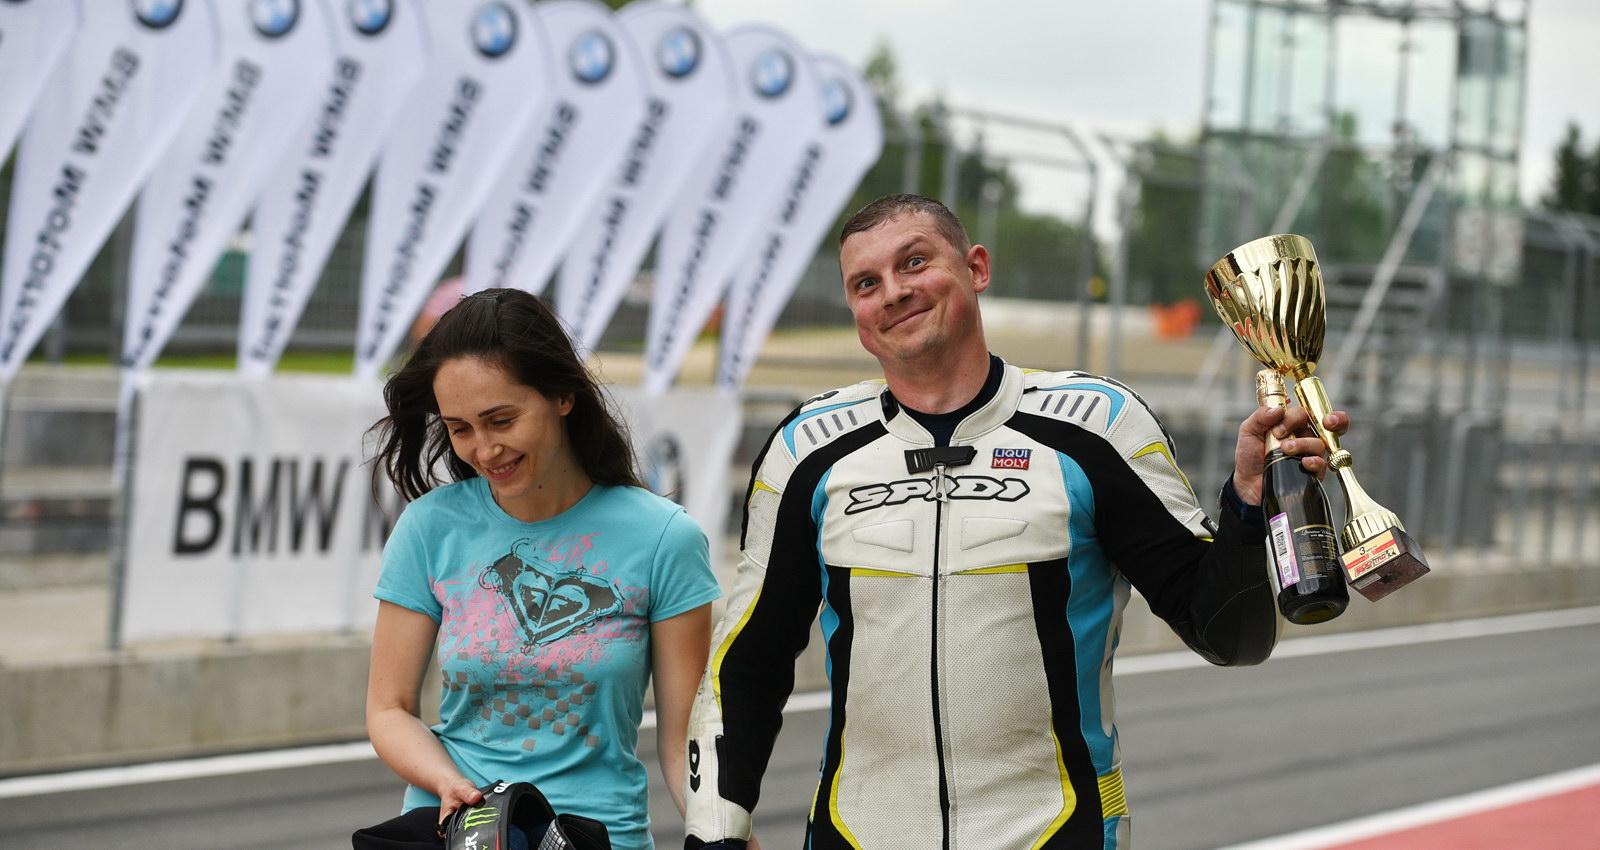 Дмитрий Андреев: теперь все зависит только от меня!